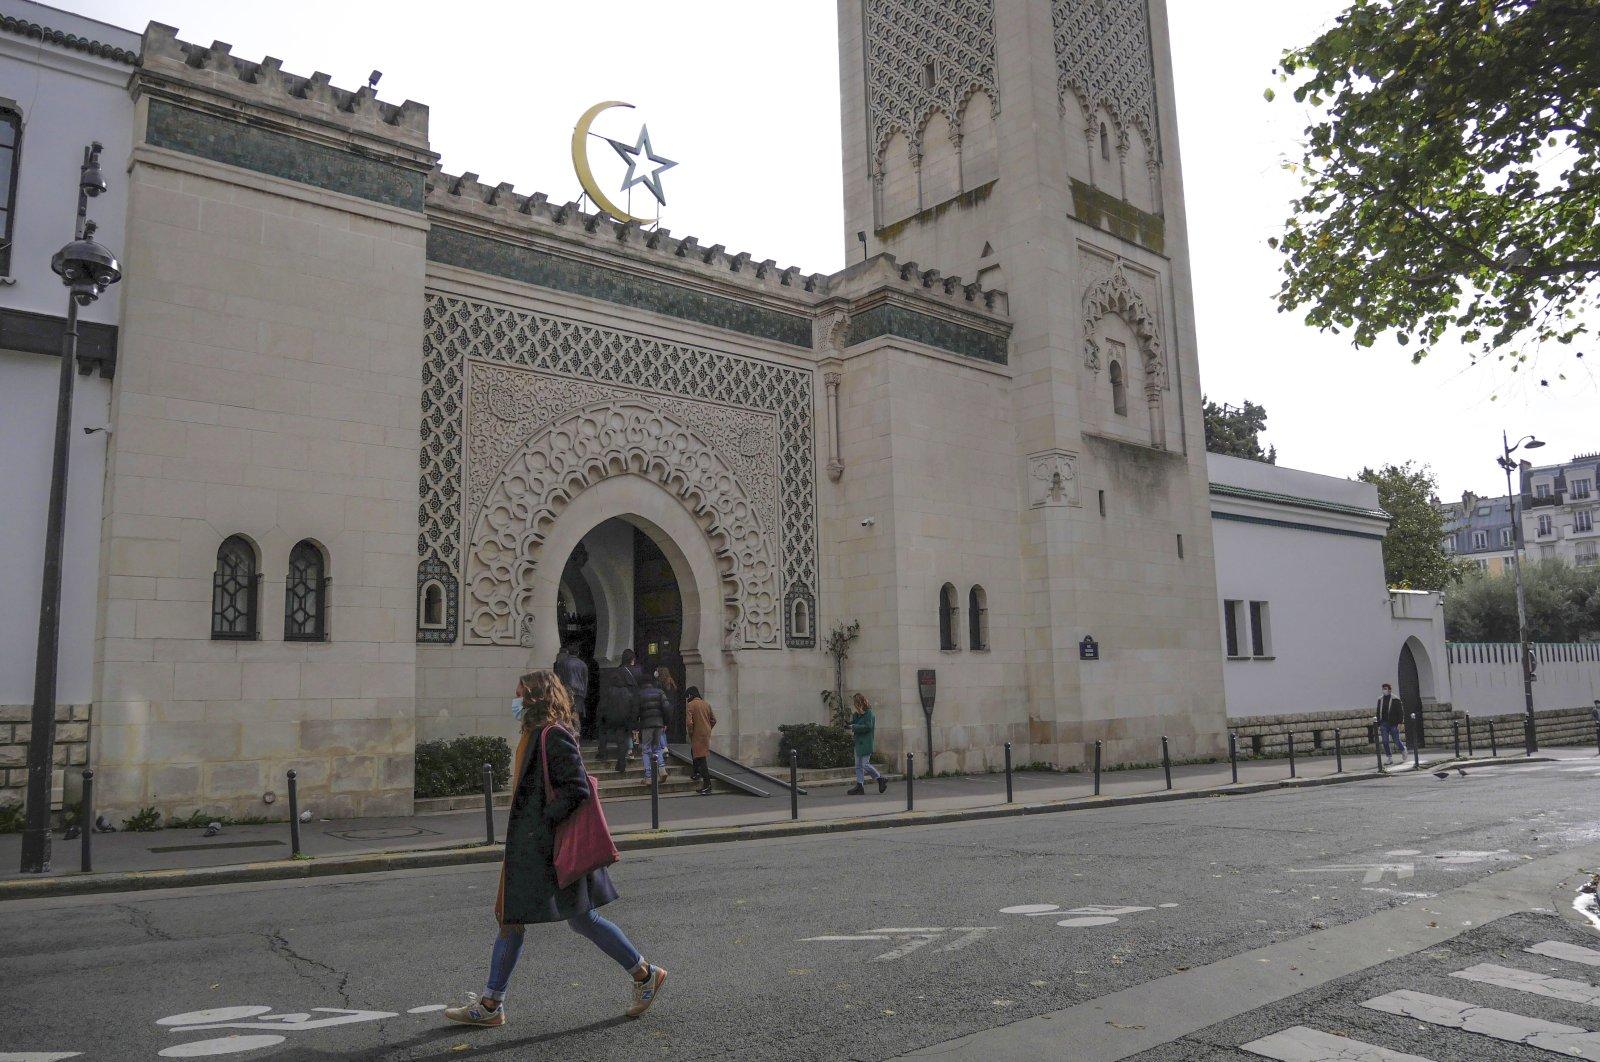 A woman walks outside the Paris mosque, in Paris, France, Oct. 29, 2020. (AP Photo)